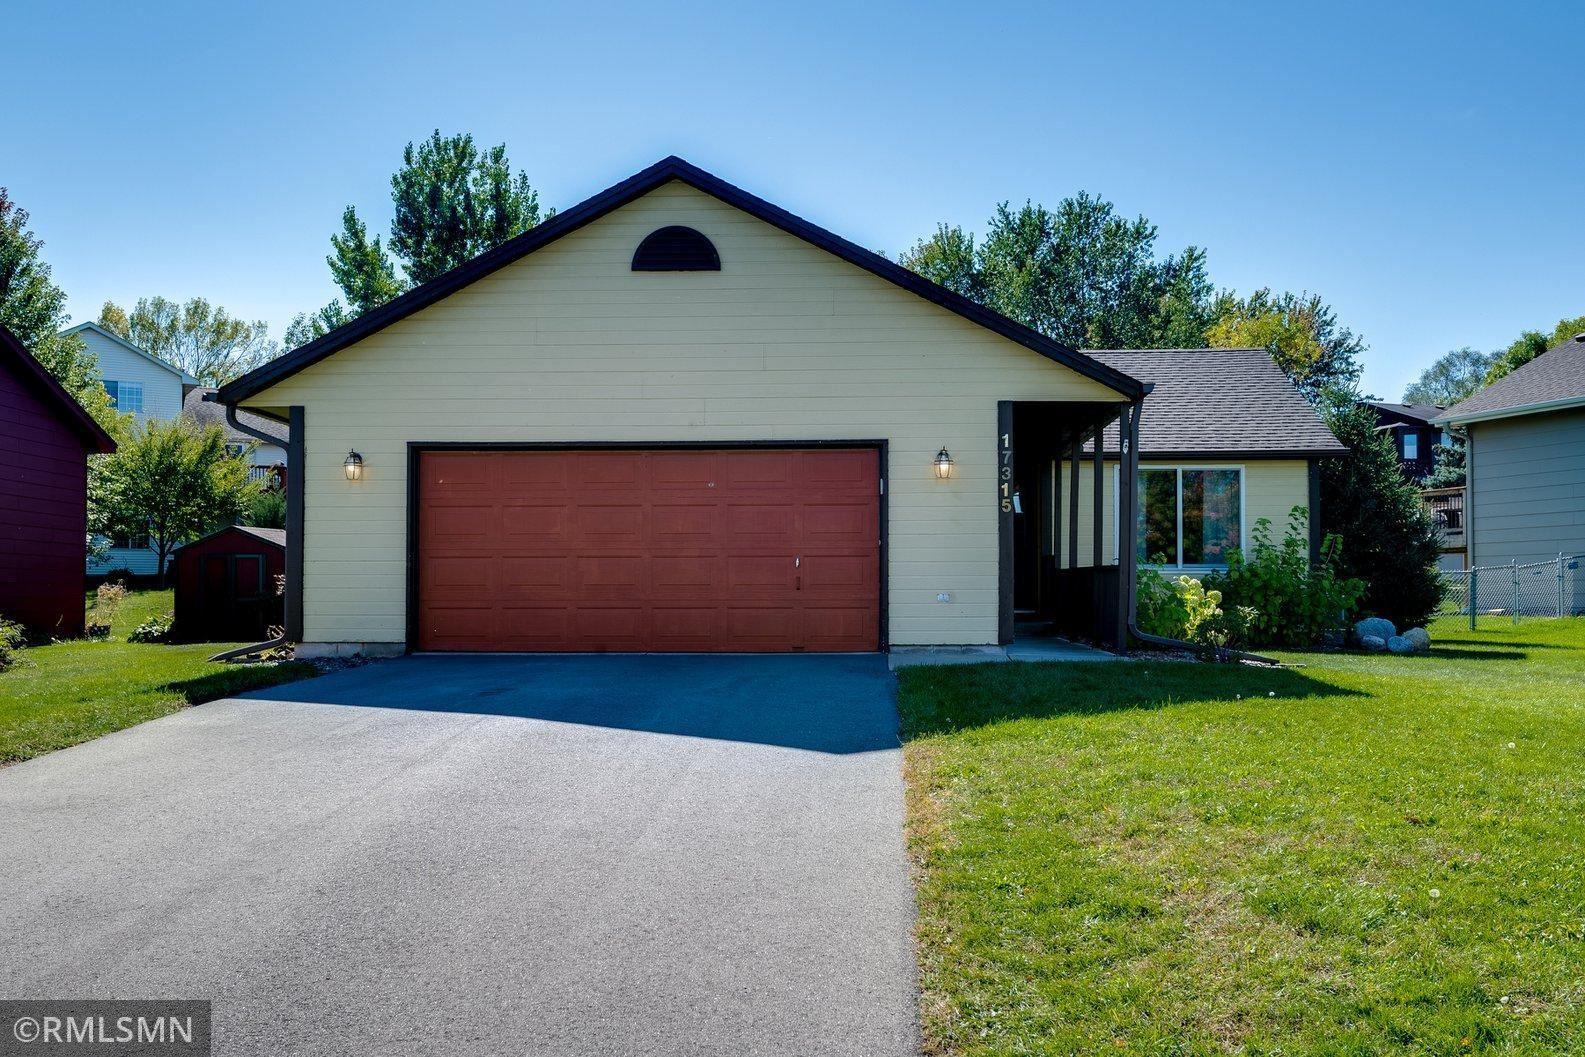 Photo of 17315 Fireside Lane, Lakeville, MN 55024 (MLS # 6102105)